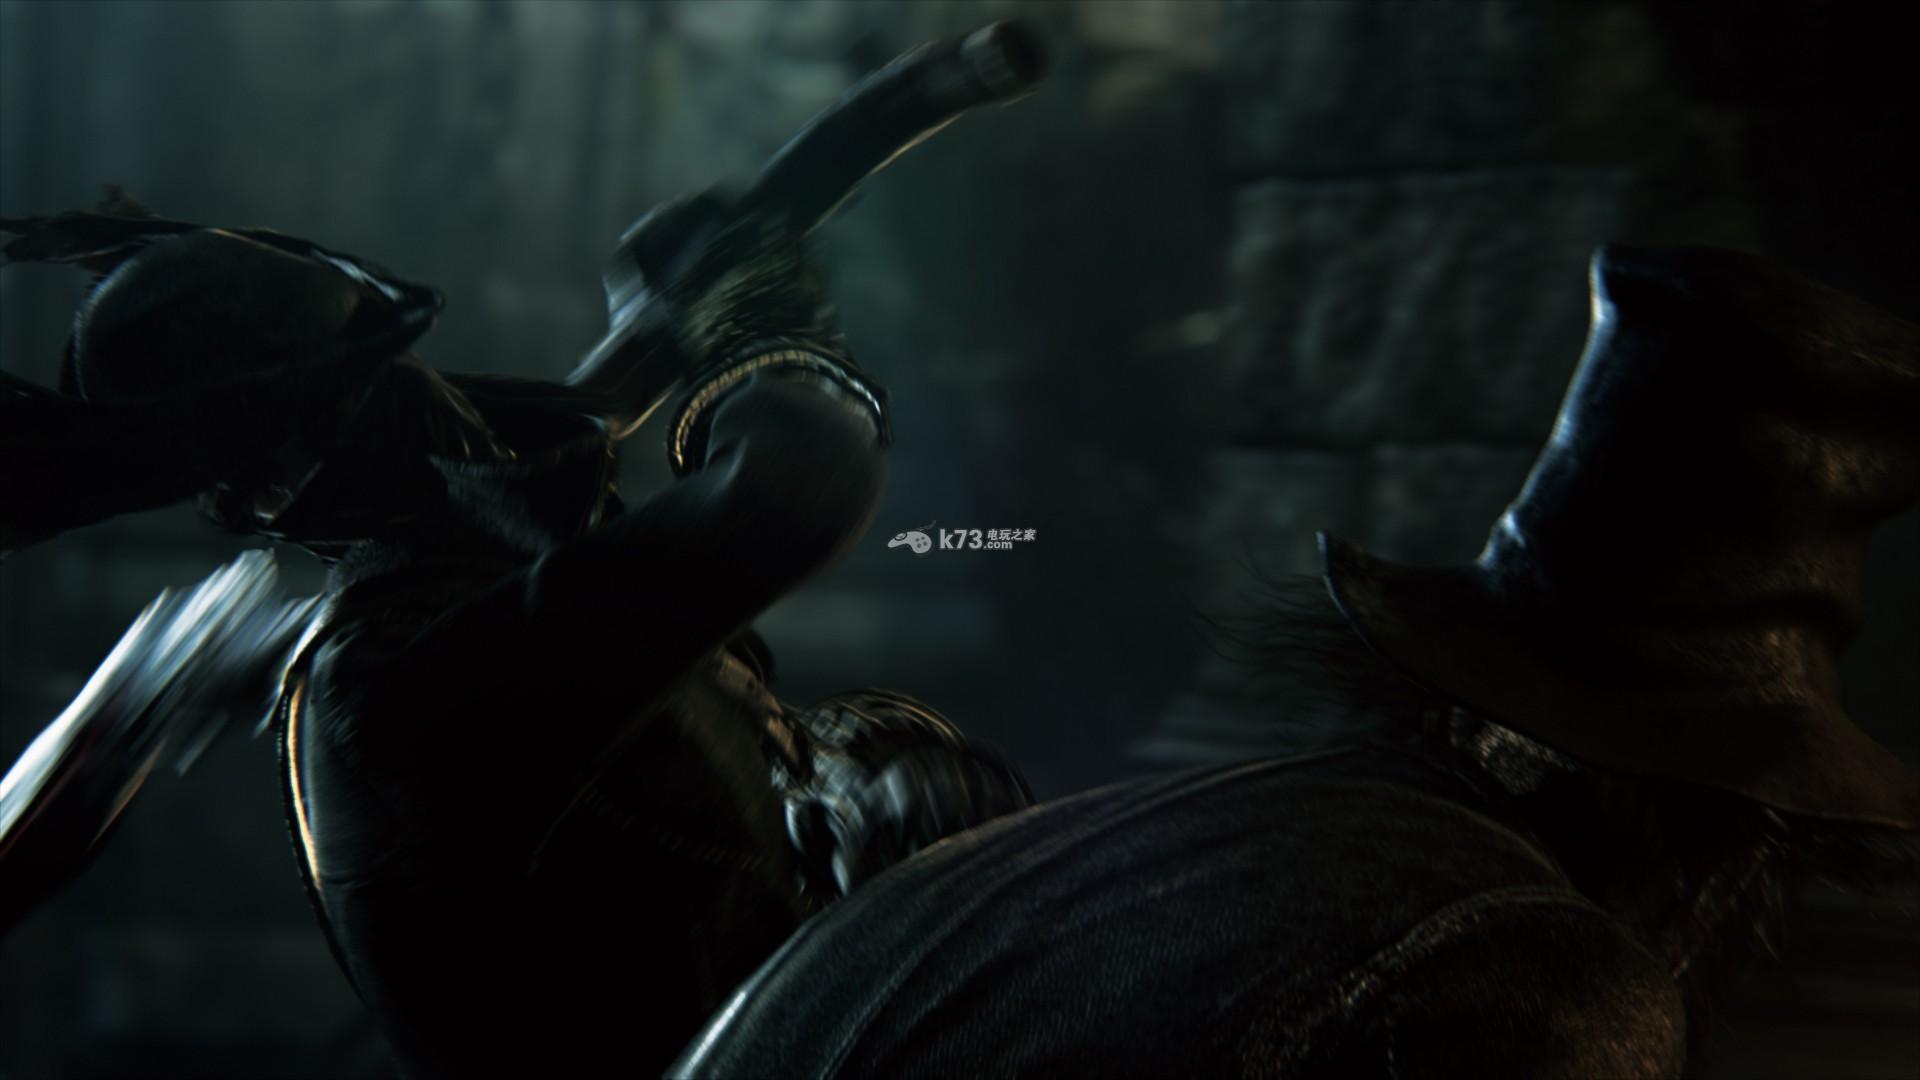 血源诅咒年度版欧版下载 血源诅咒老猎人ps4欧版下载 k73电玩之家